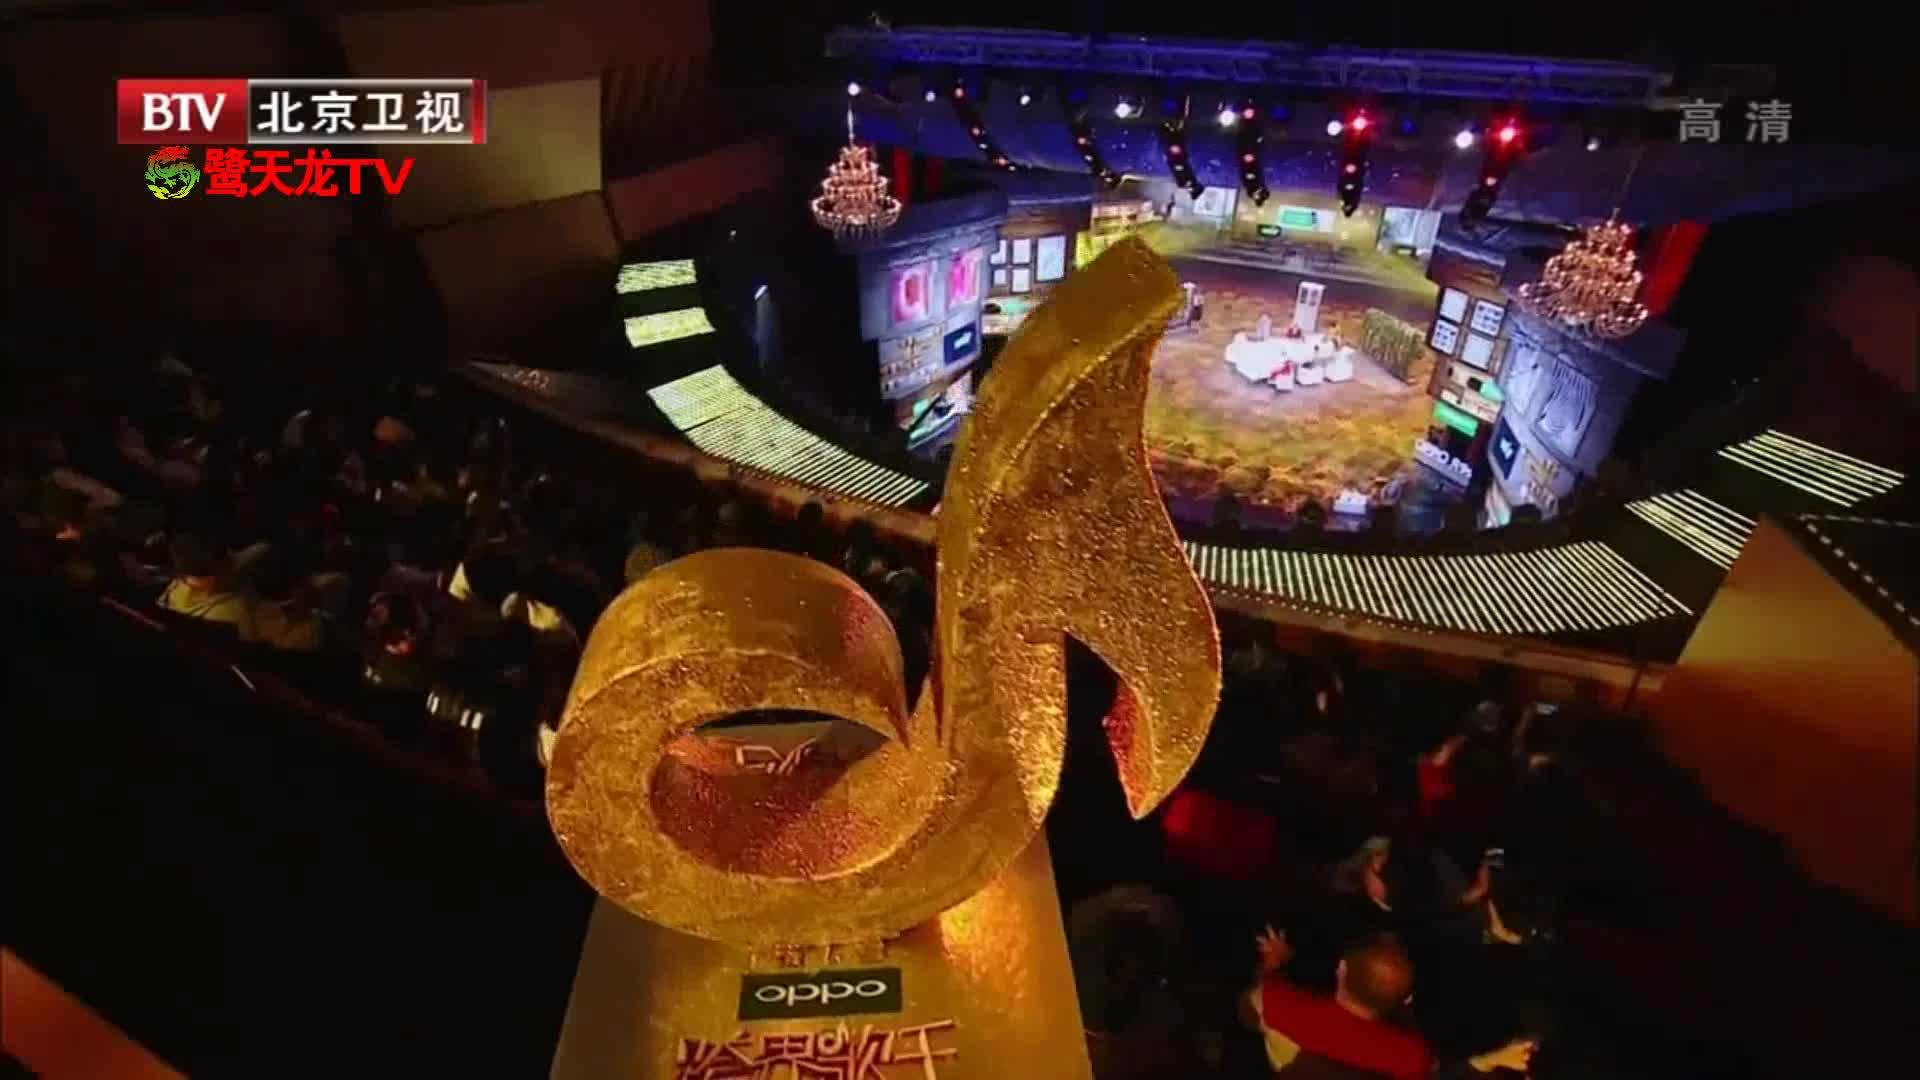 跨界歌王:王珞丹动情献唱《没时间》 感恩妈妈不容易